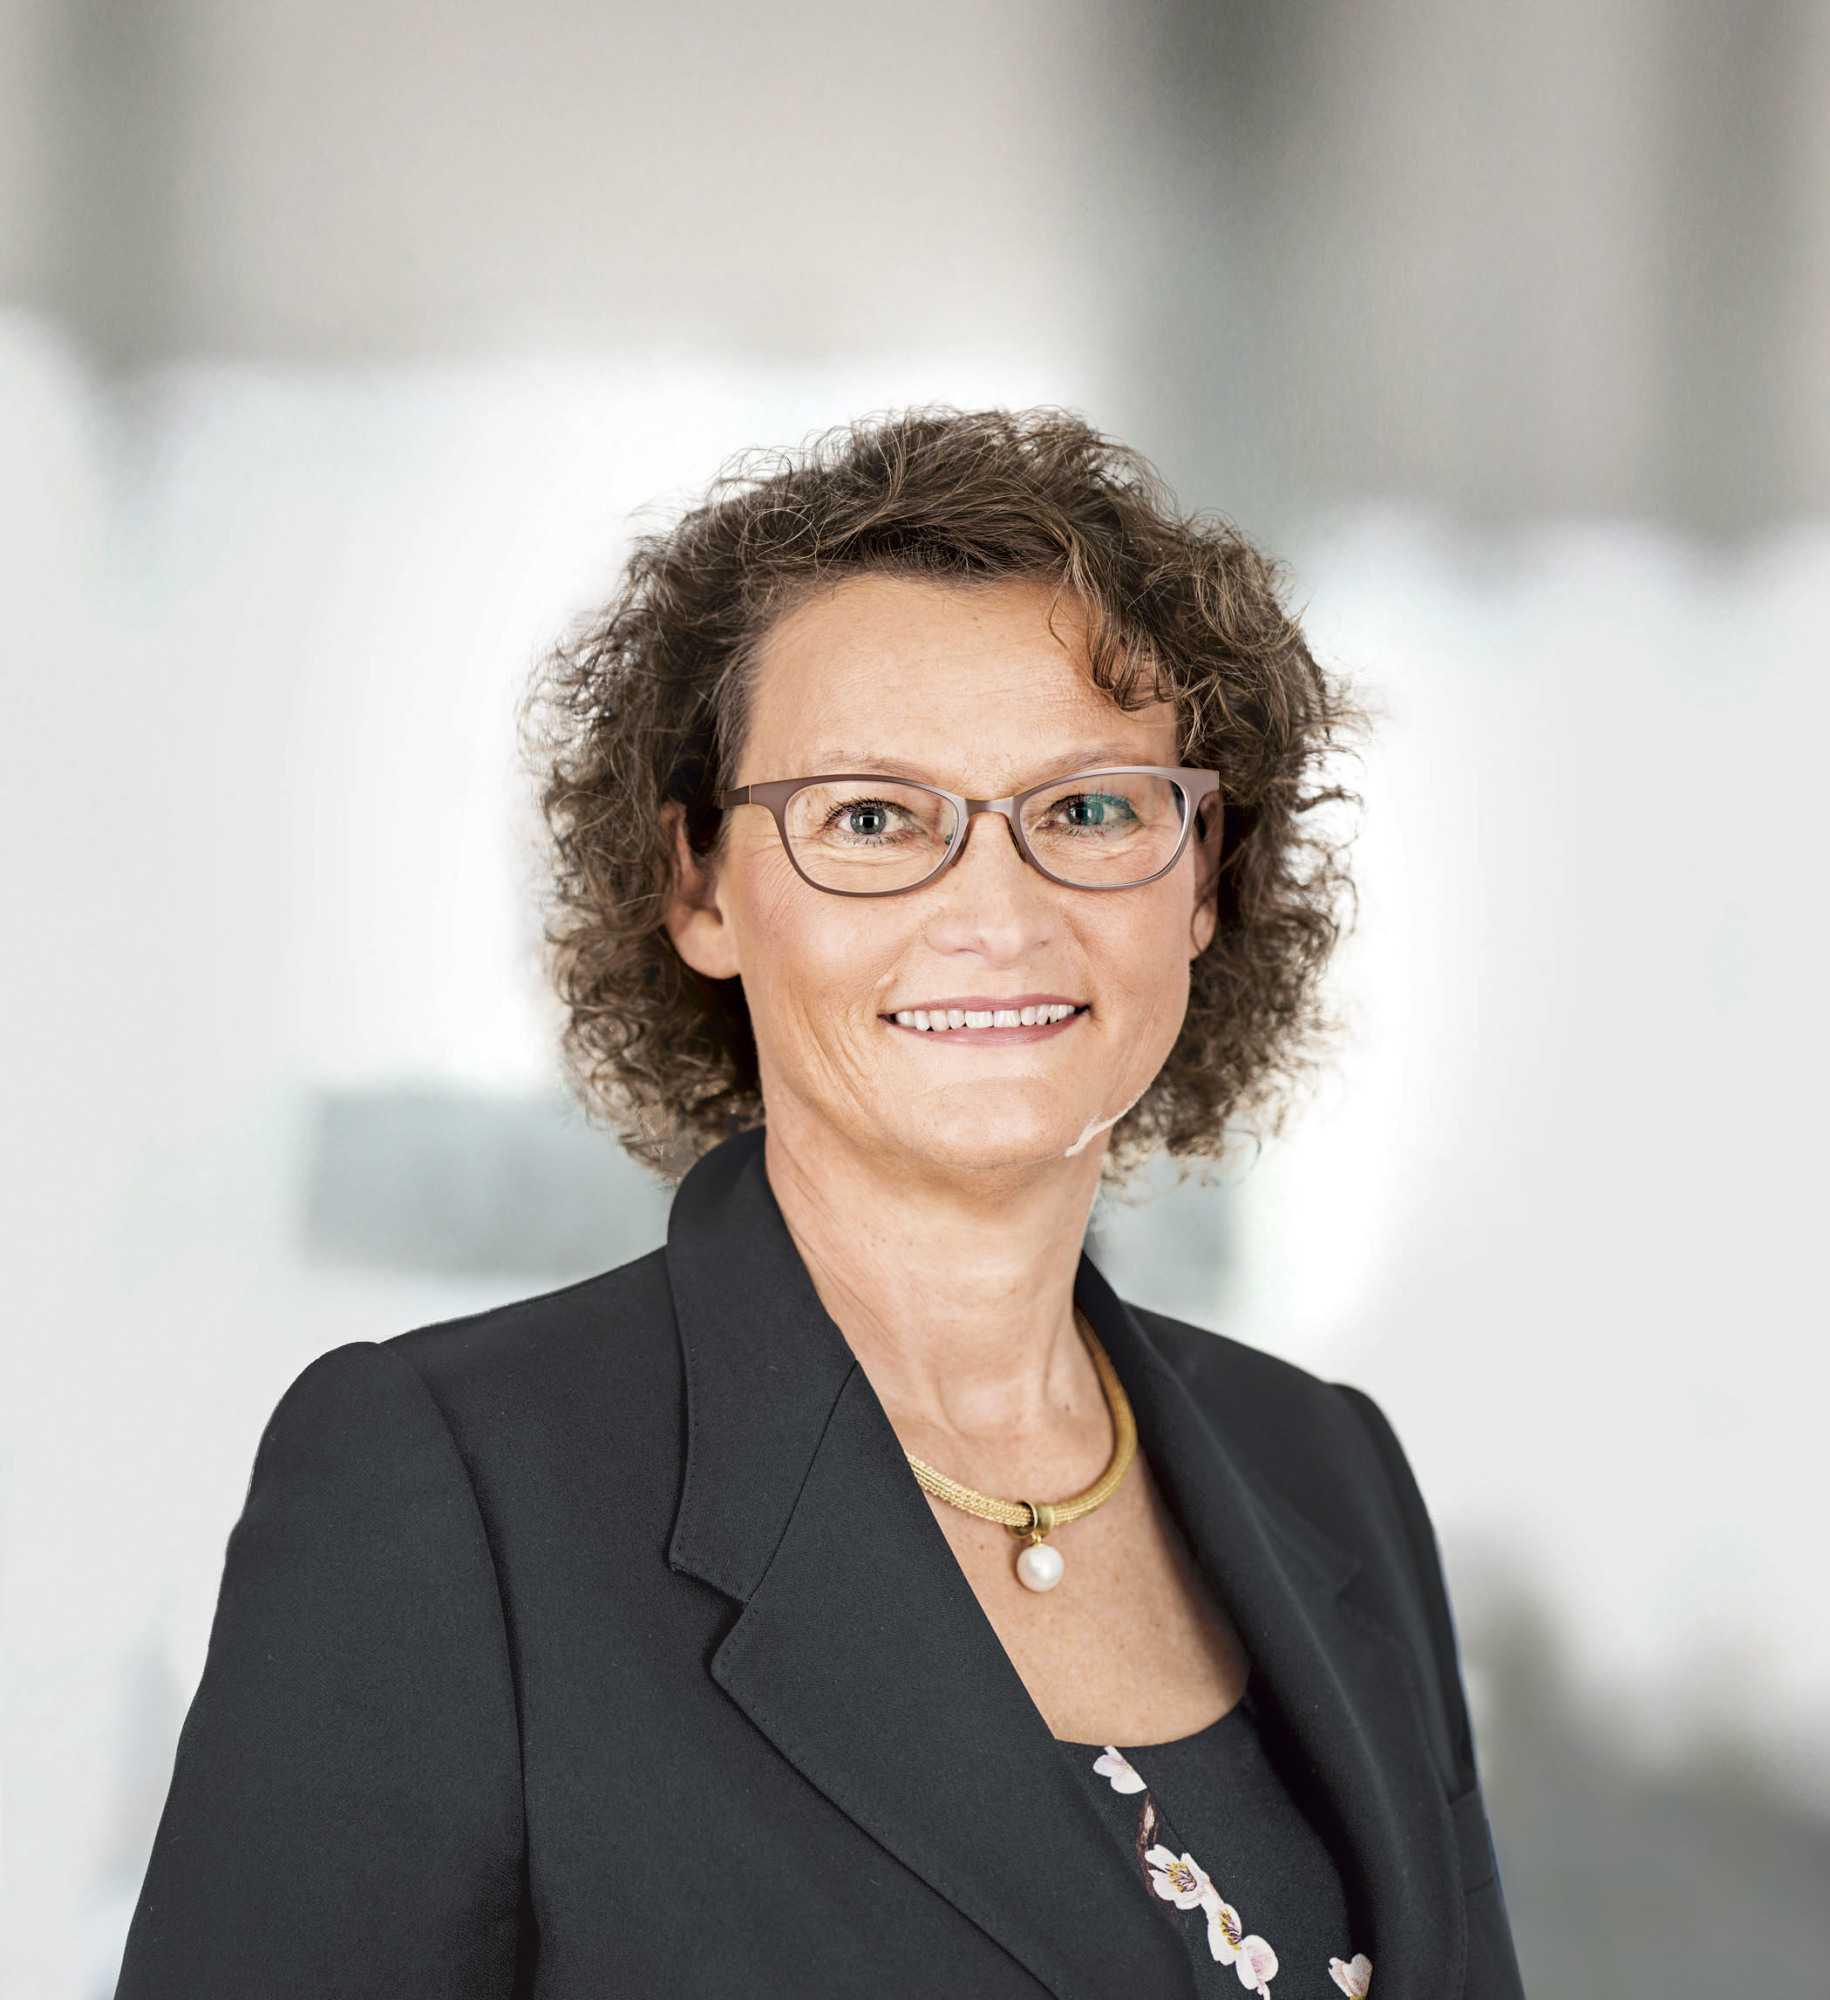 """TUI-Personalvorstand Elke Eller: Entscheidend bei digitalen Umwälzungen ist, """"dass neue Tätigkeiten daraus entstehen""""."""